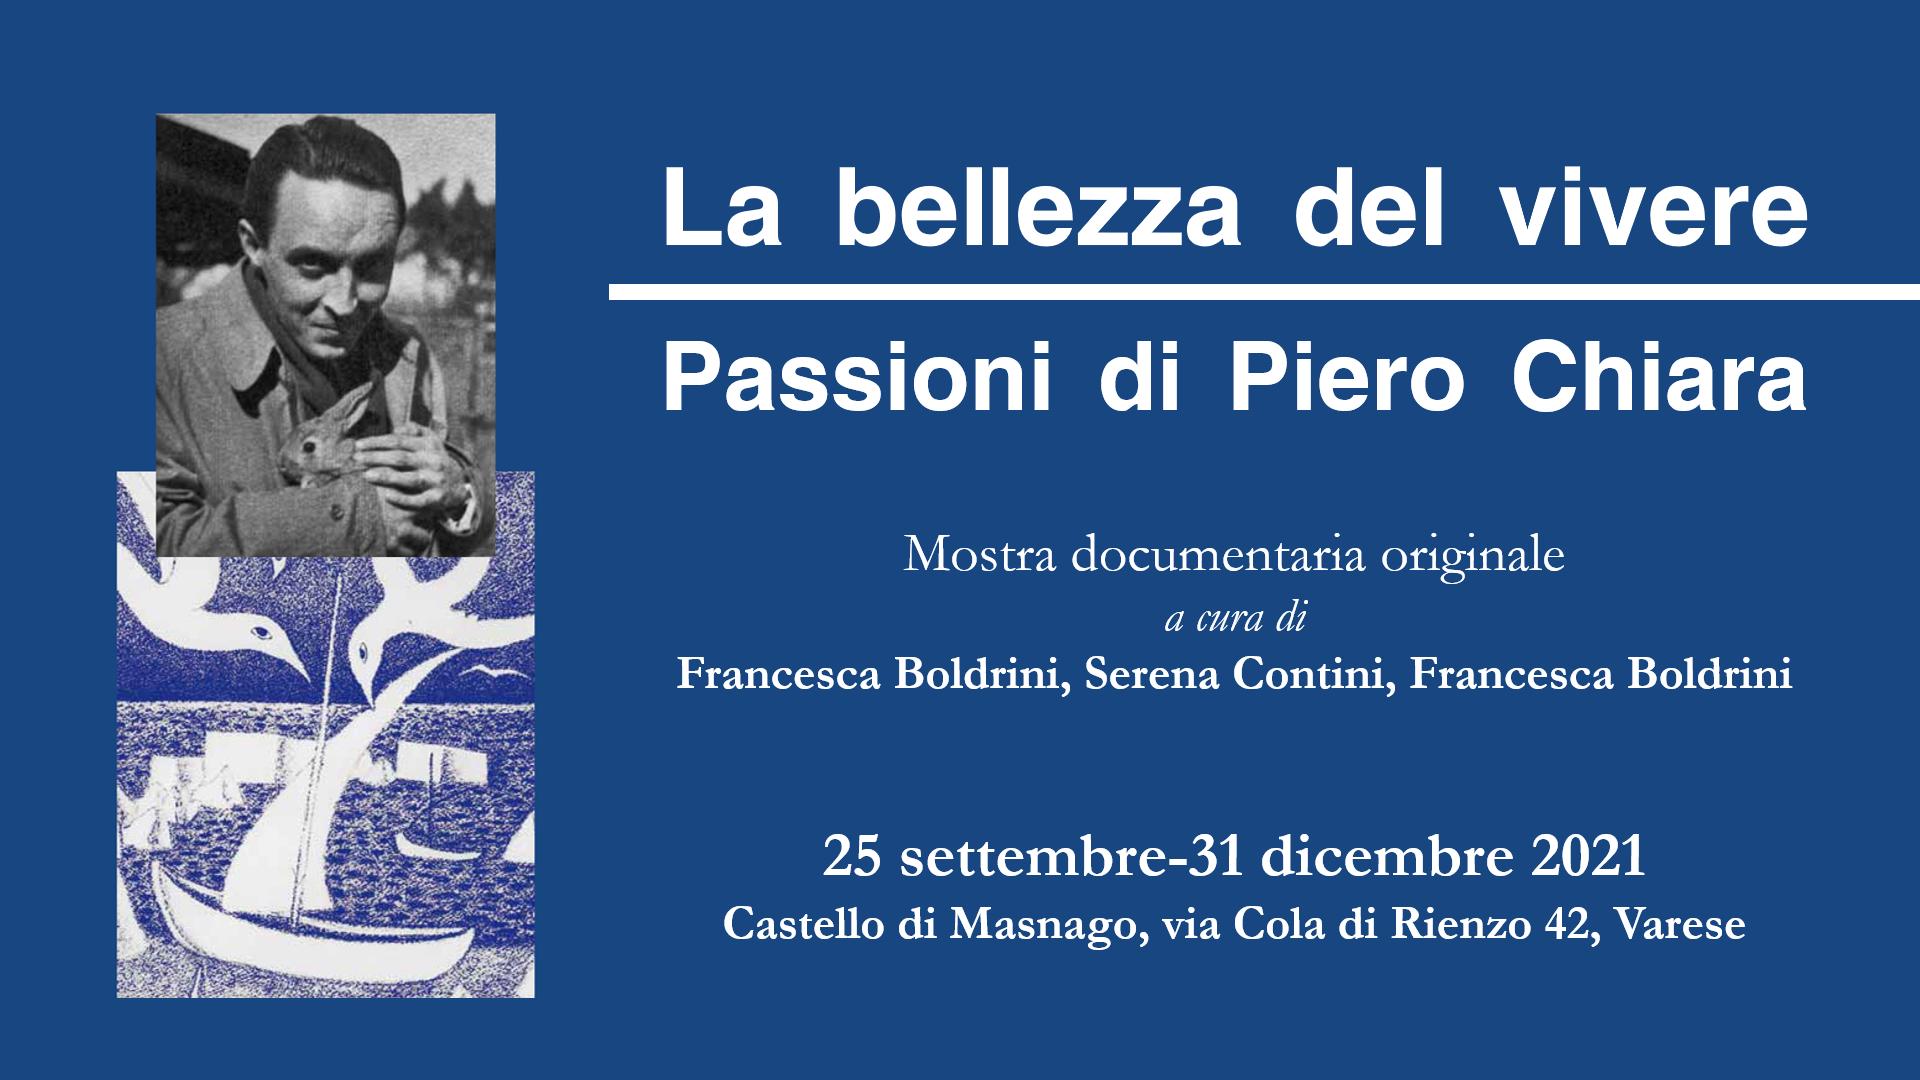 La bellezza del vivere, passioni di Piero Chiara